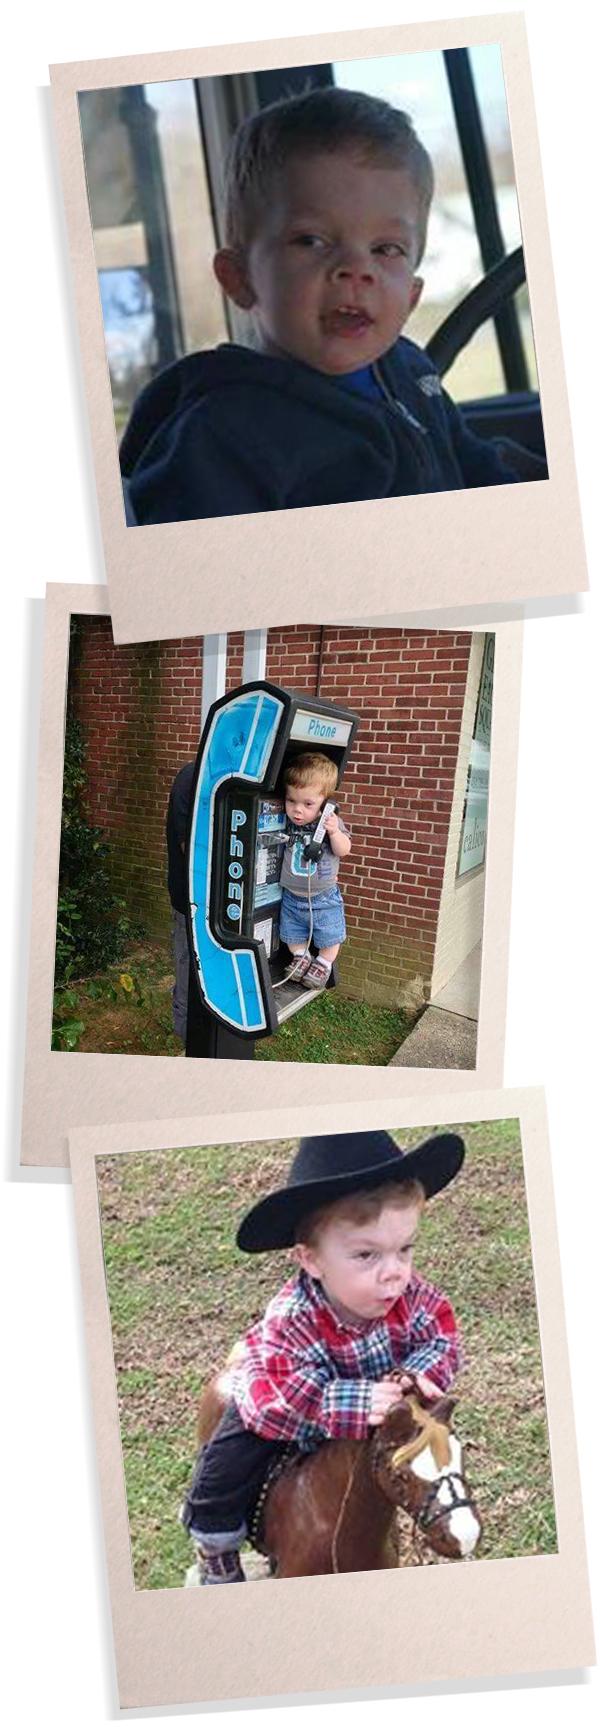 Joseph Polaroid no name.jpg